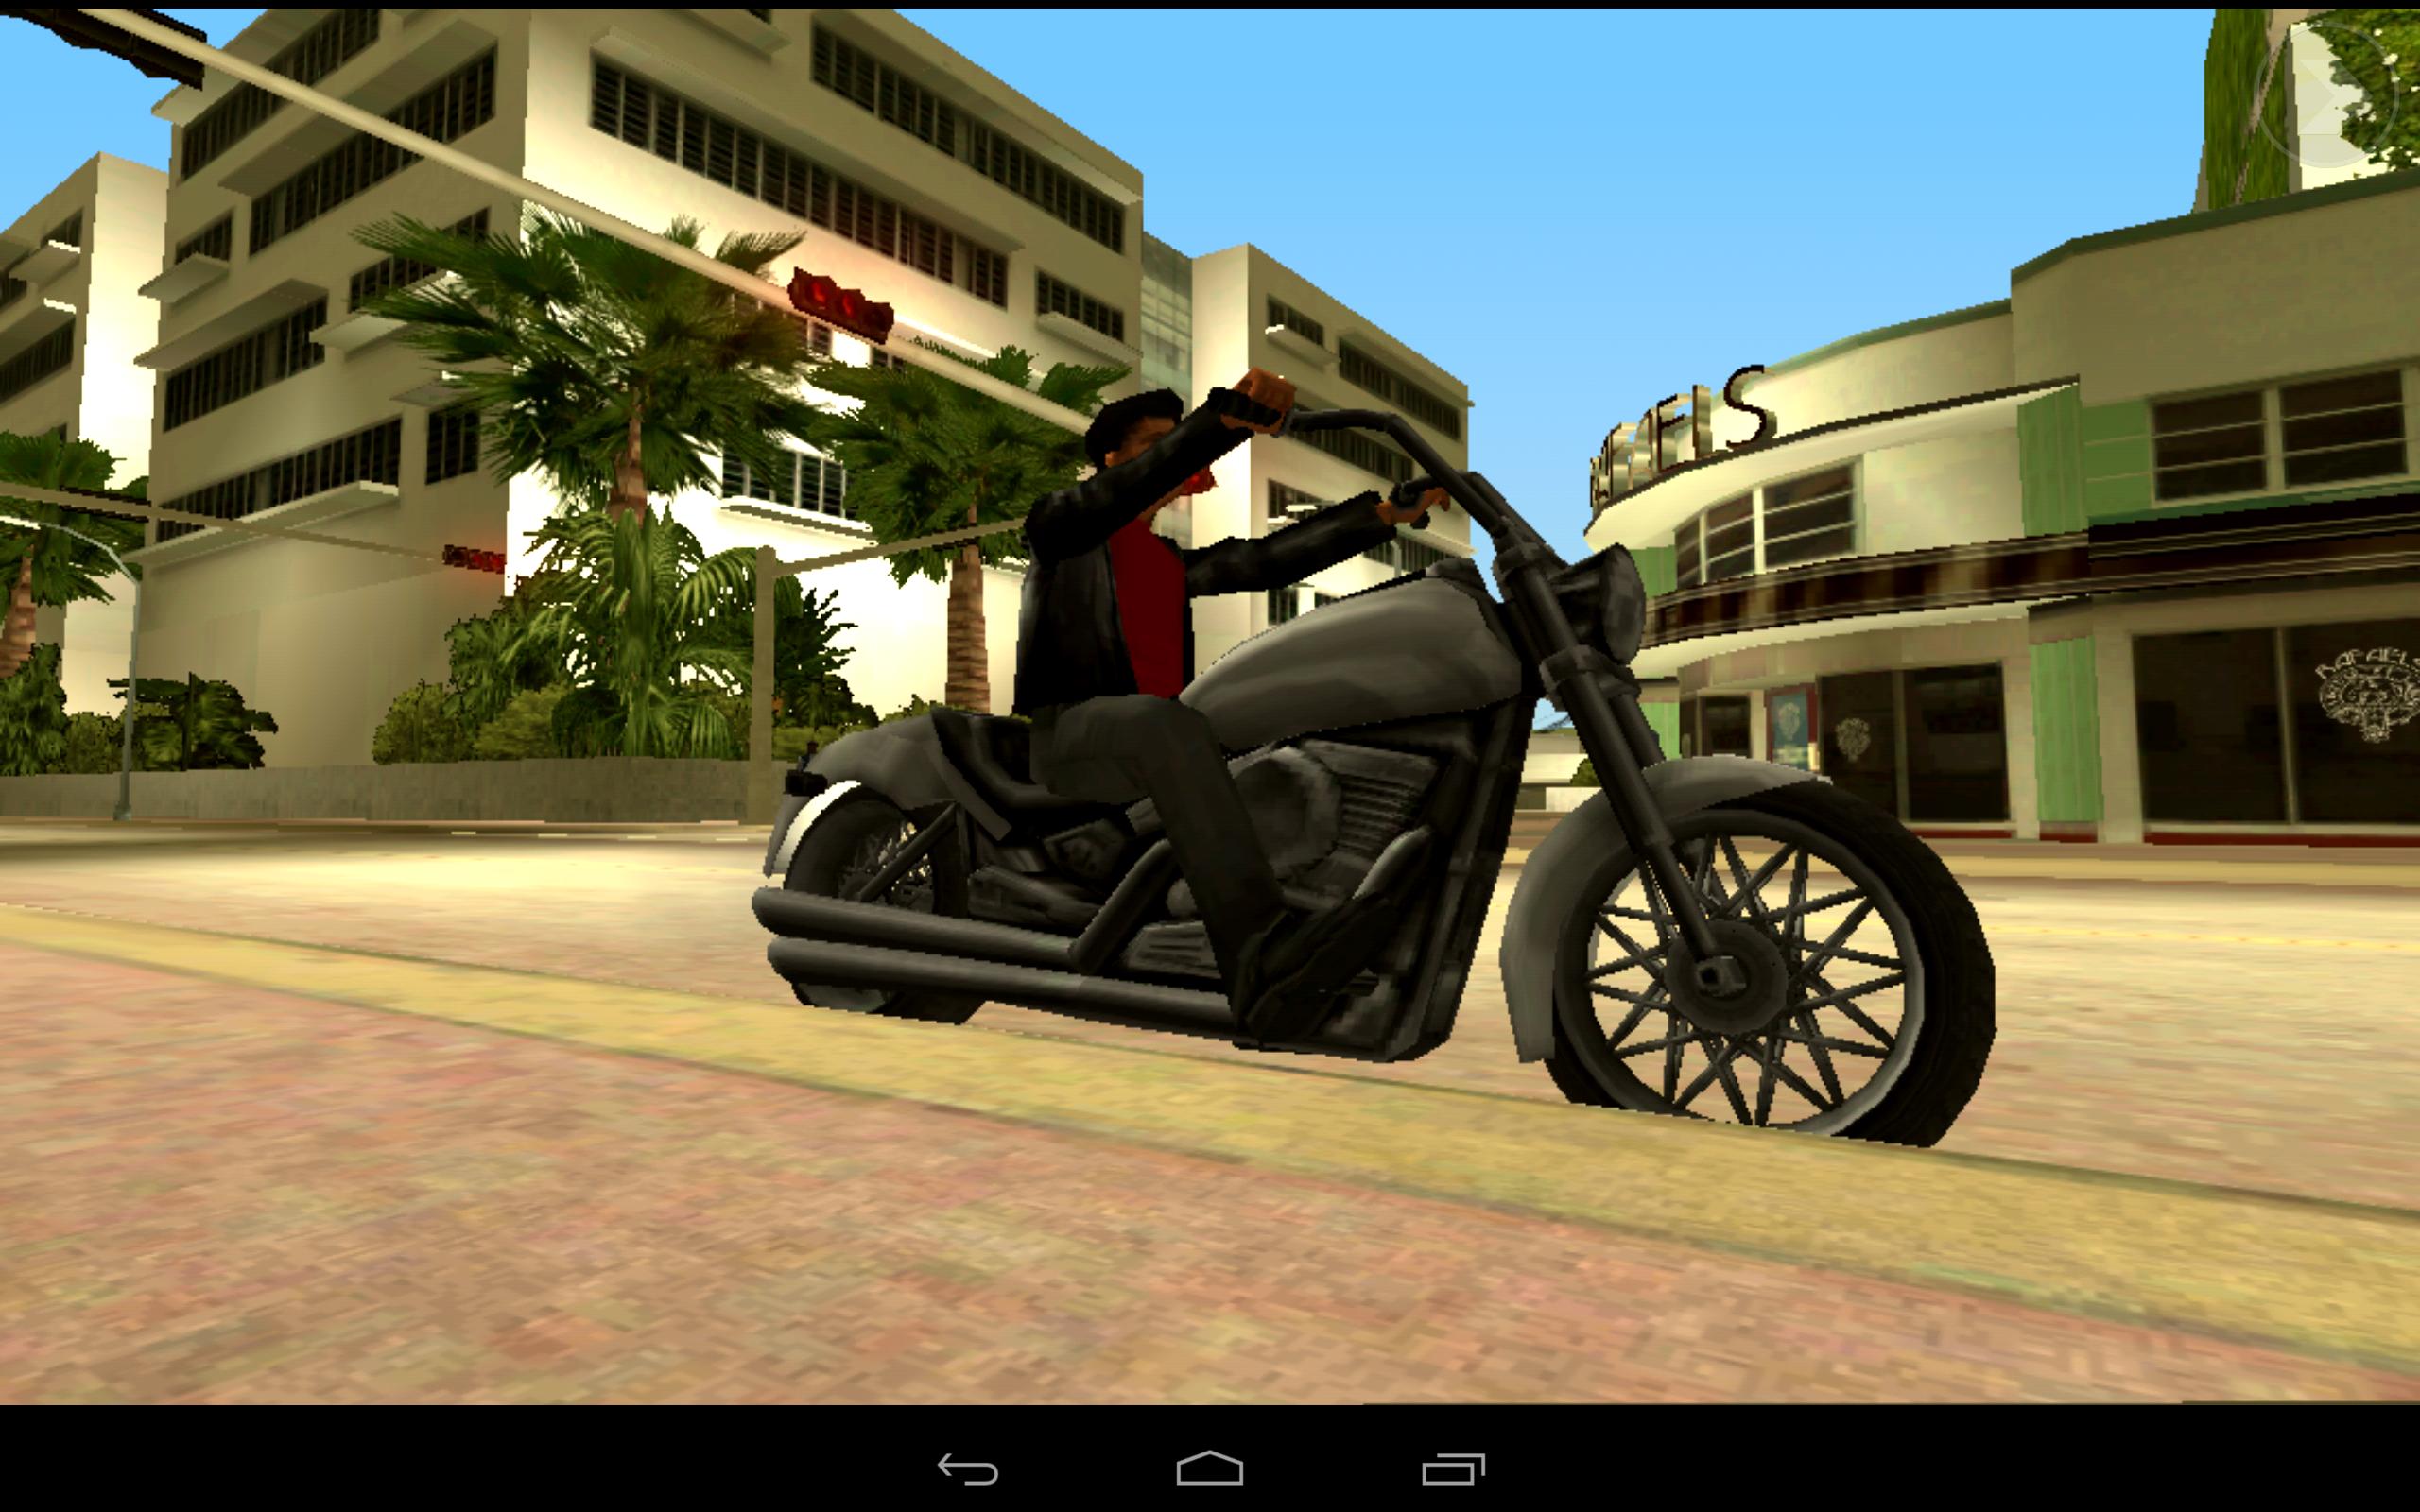 Free download gta apk